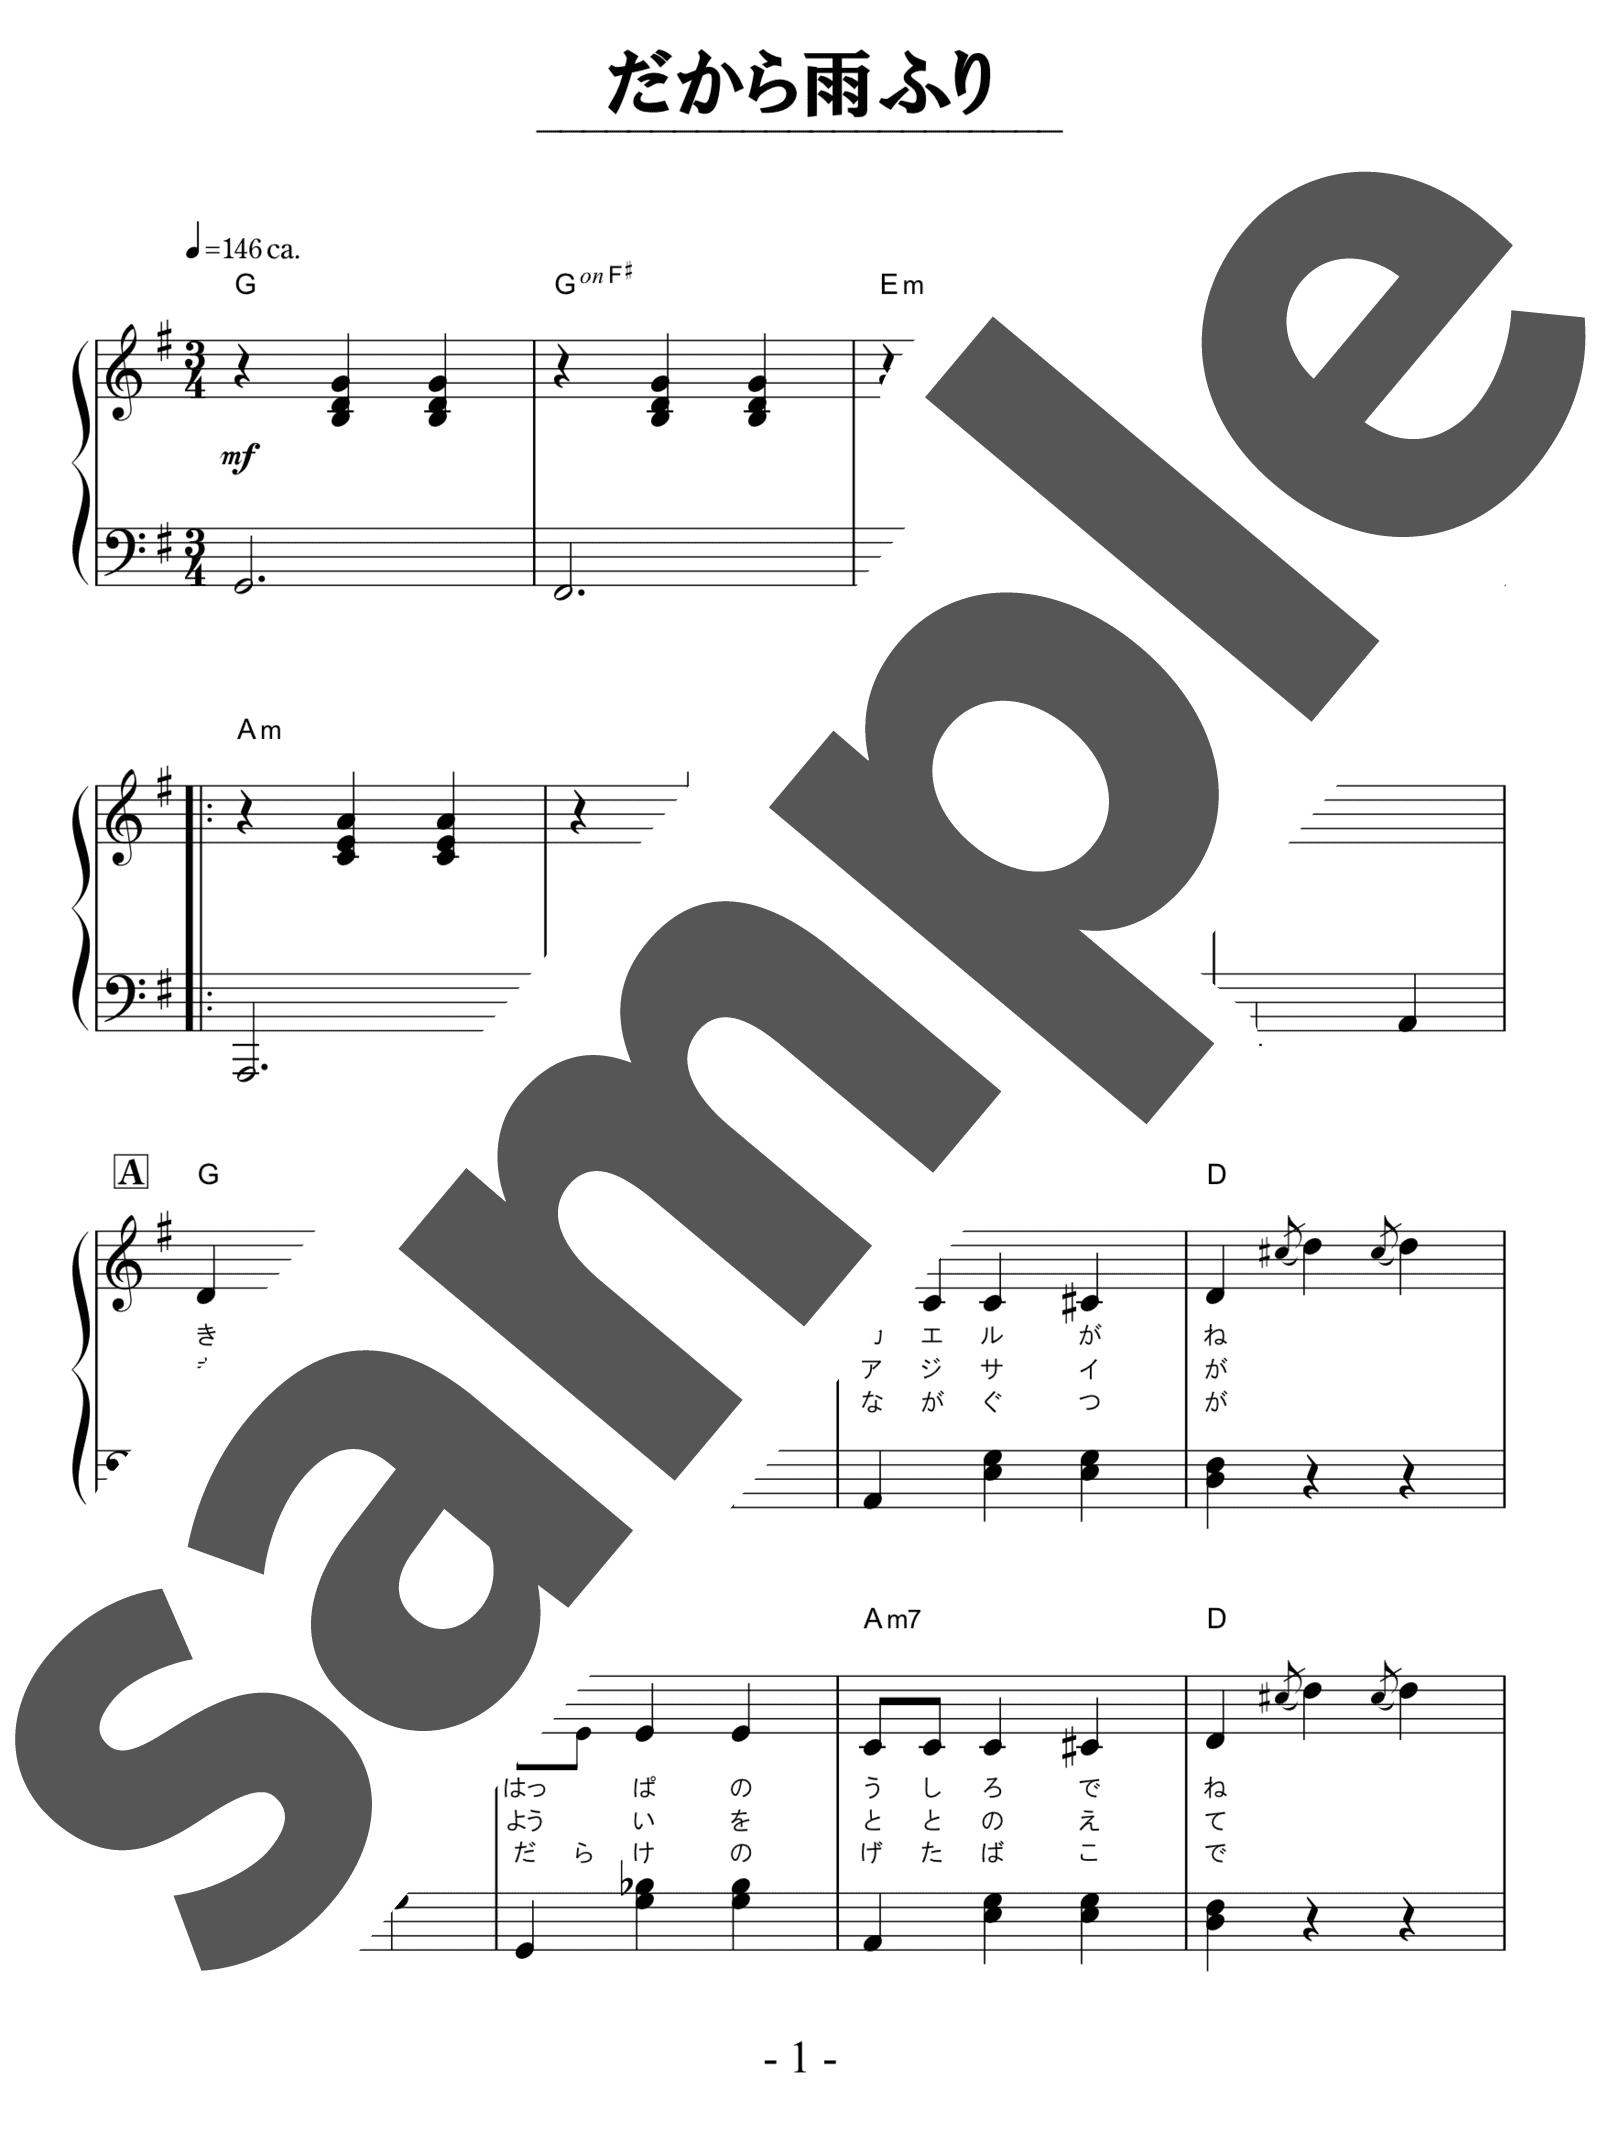 「だから雨ふり」のサンプル楽譜